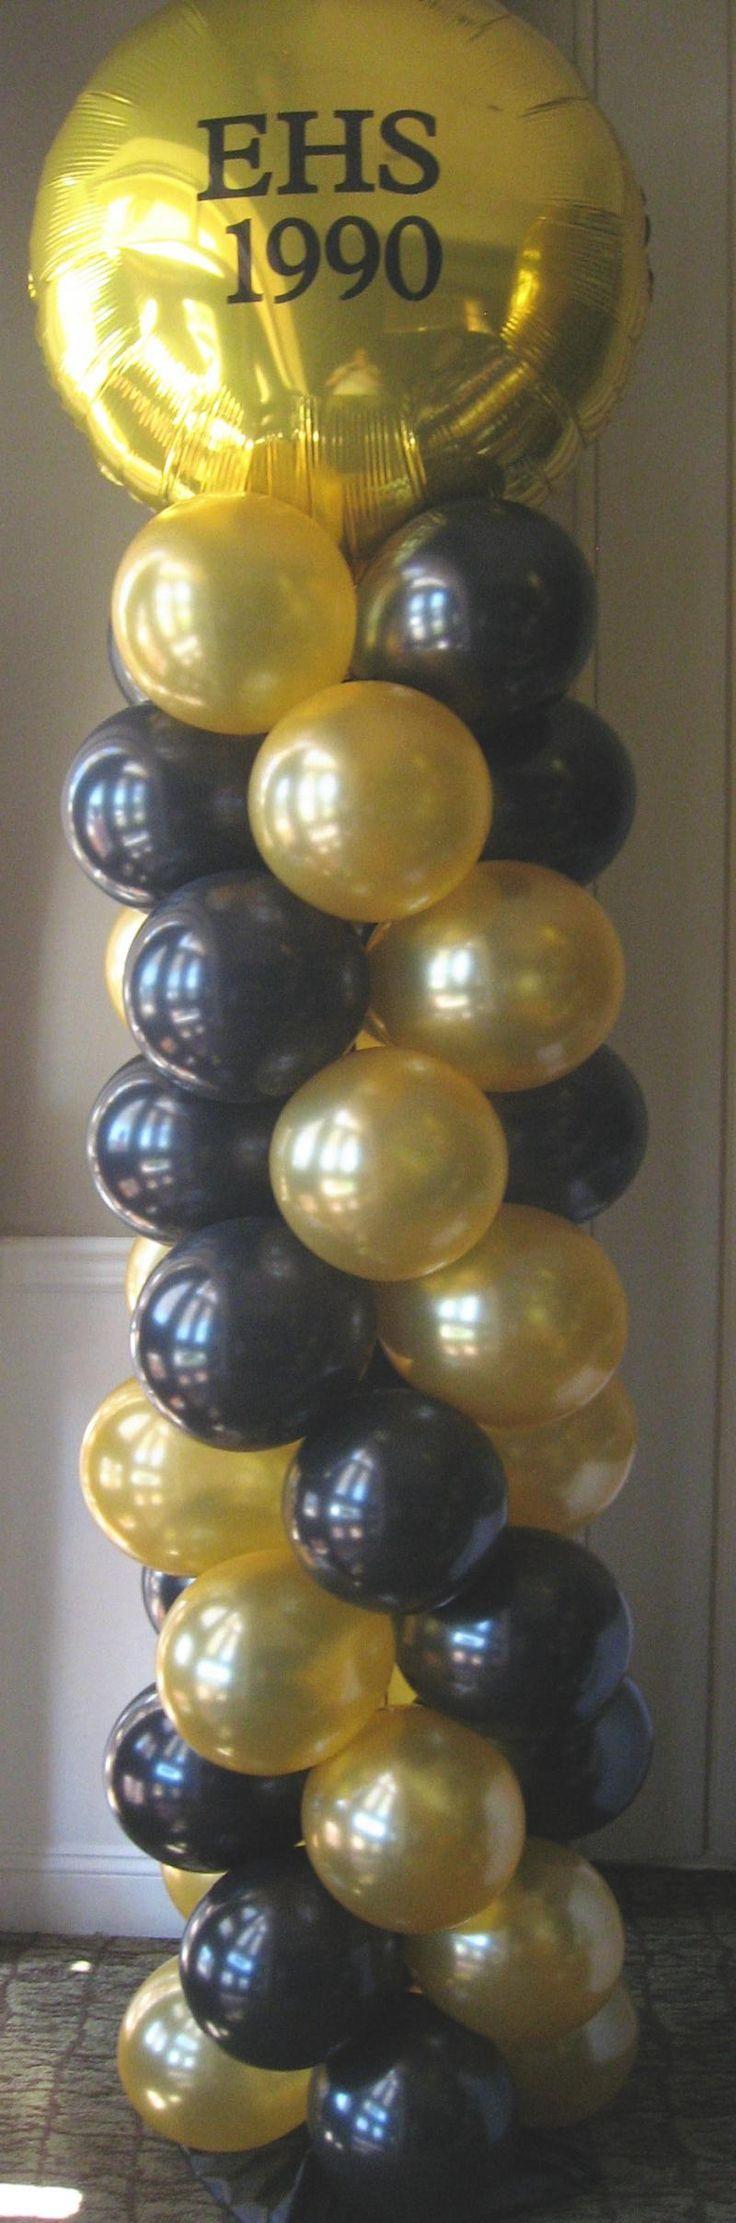 Balloon Decor of Central California – CLOSE / REUNION